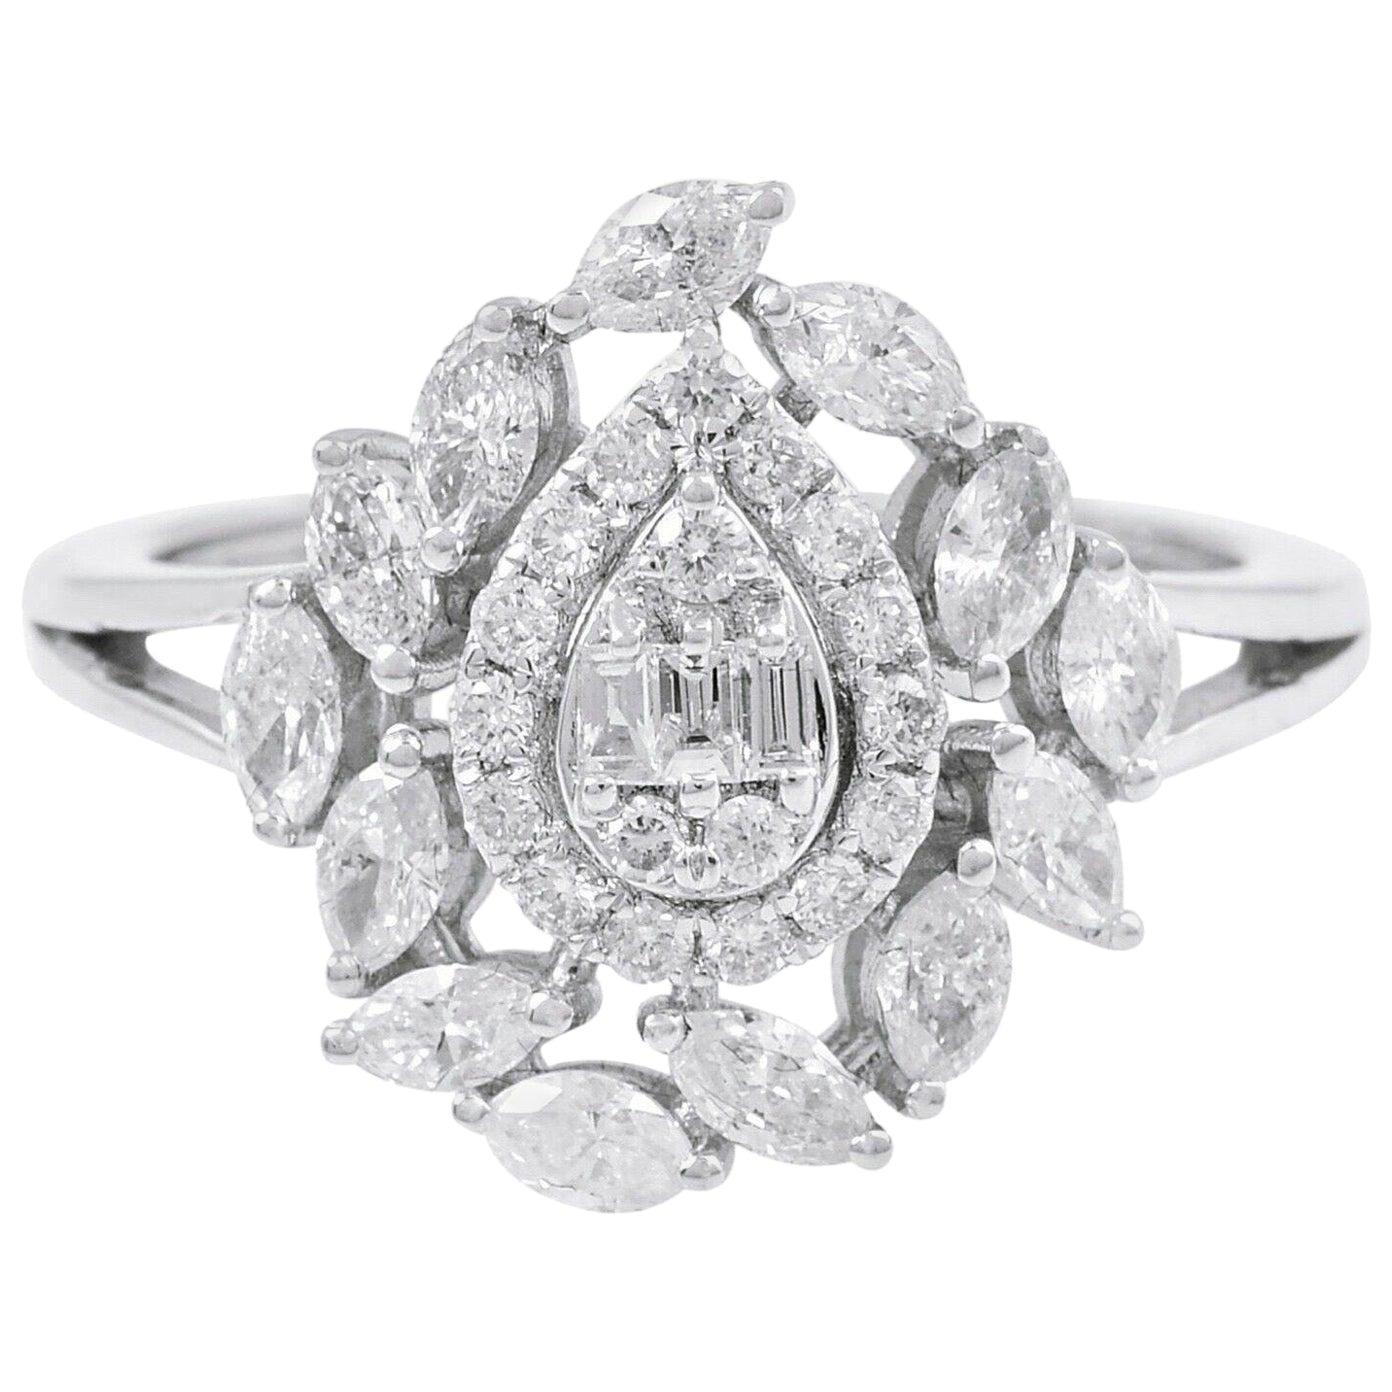 18 Karat White Gold Diamond Engagement Ring